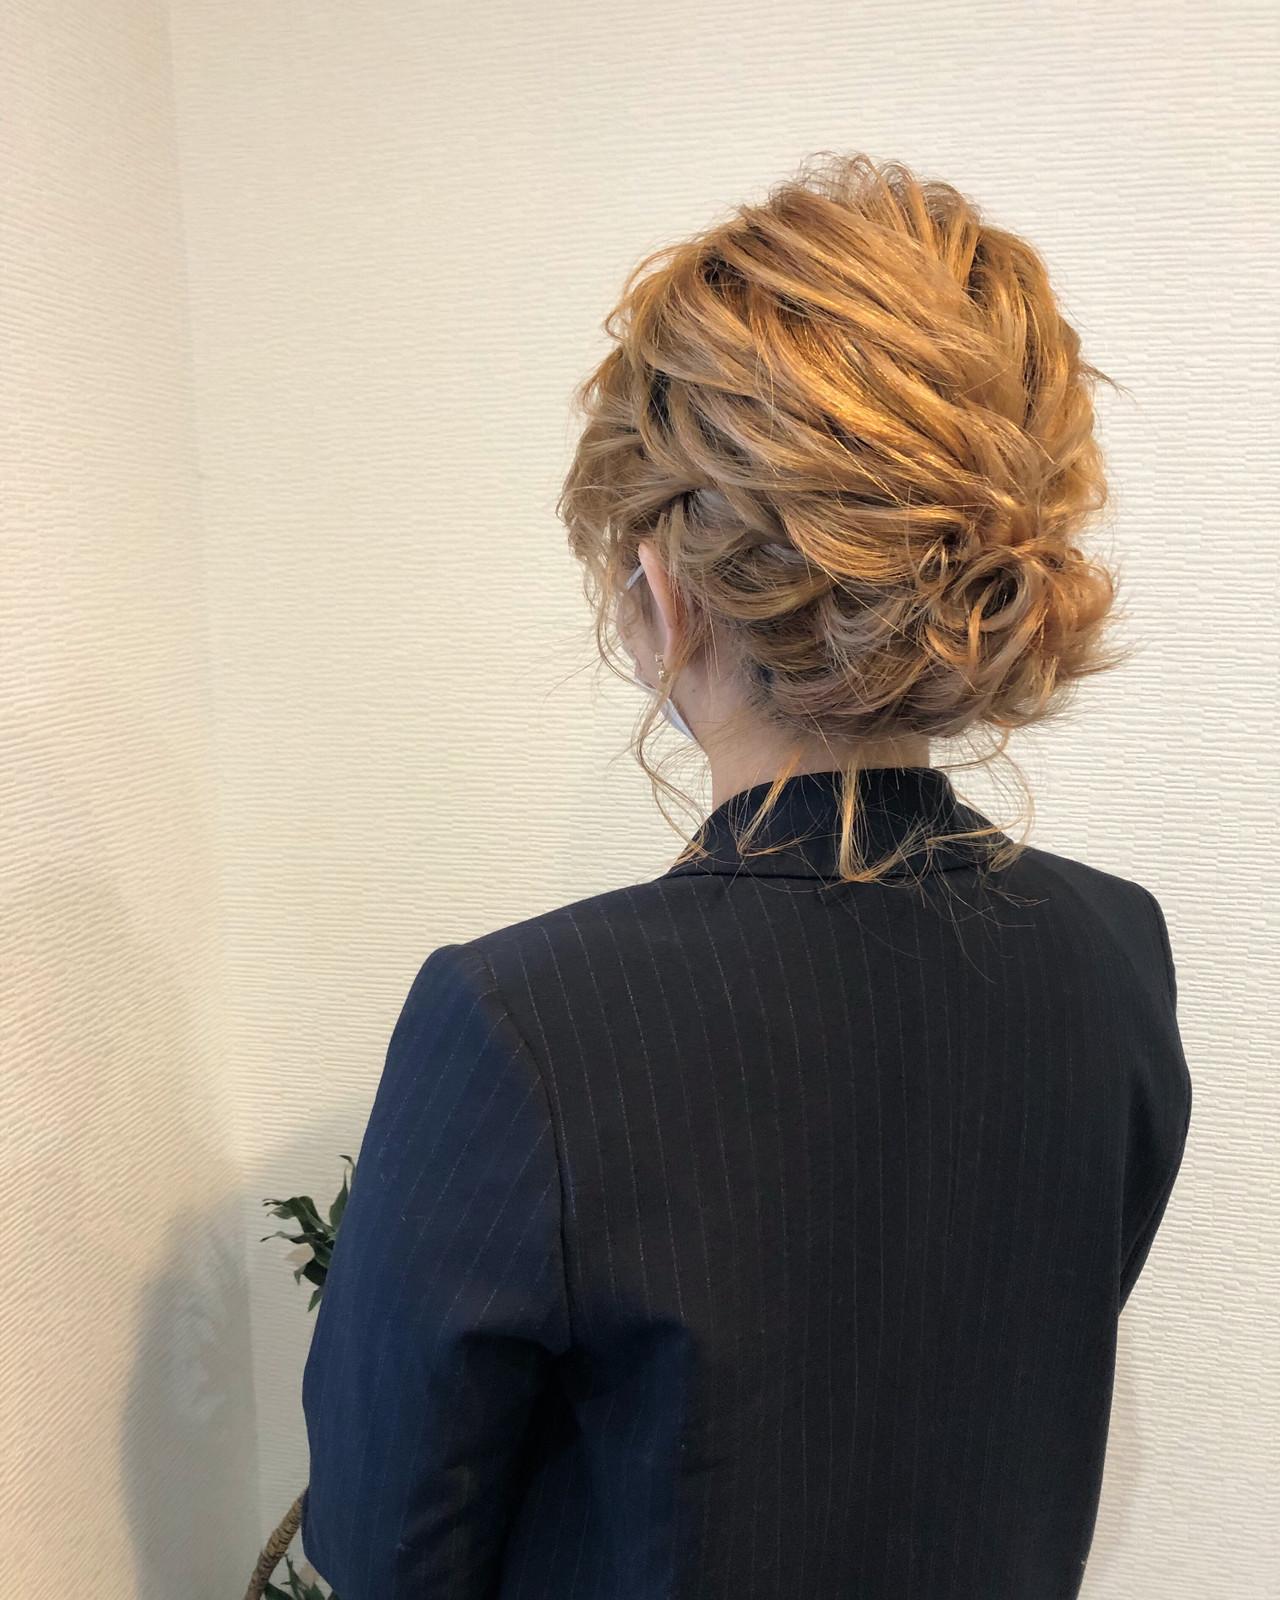 アップ ヘアセット アップスタイル フェミニン ヘアスタイルや髪型の写真・画像